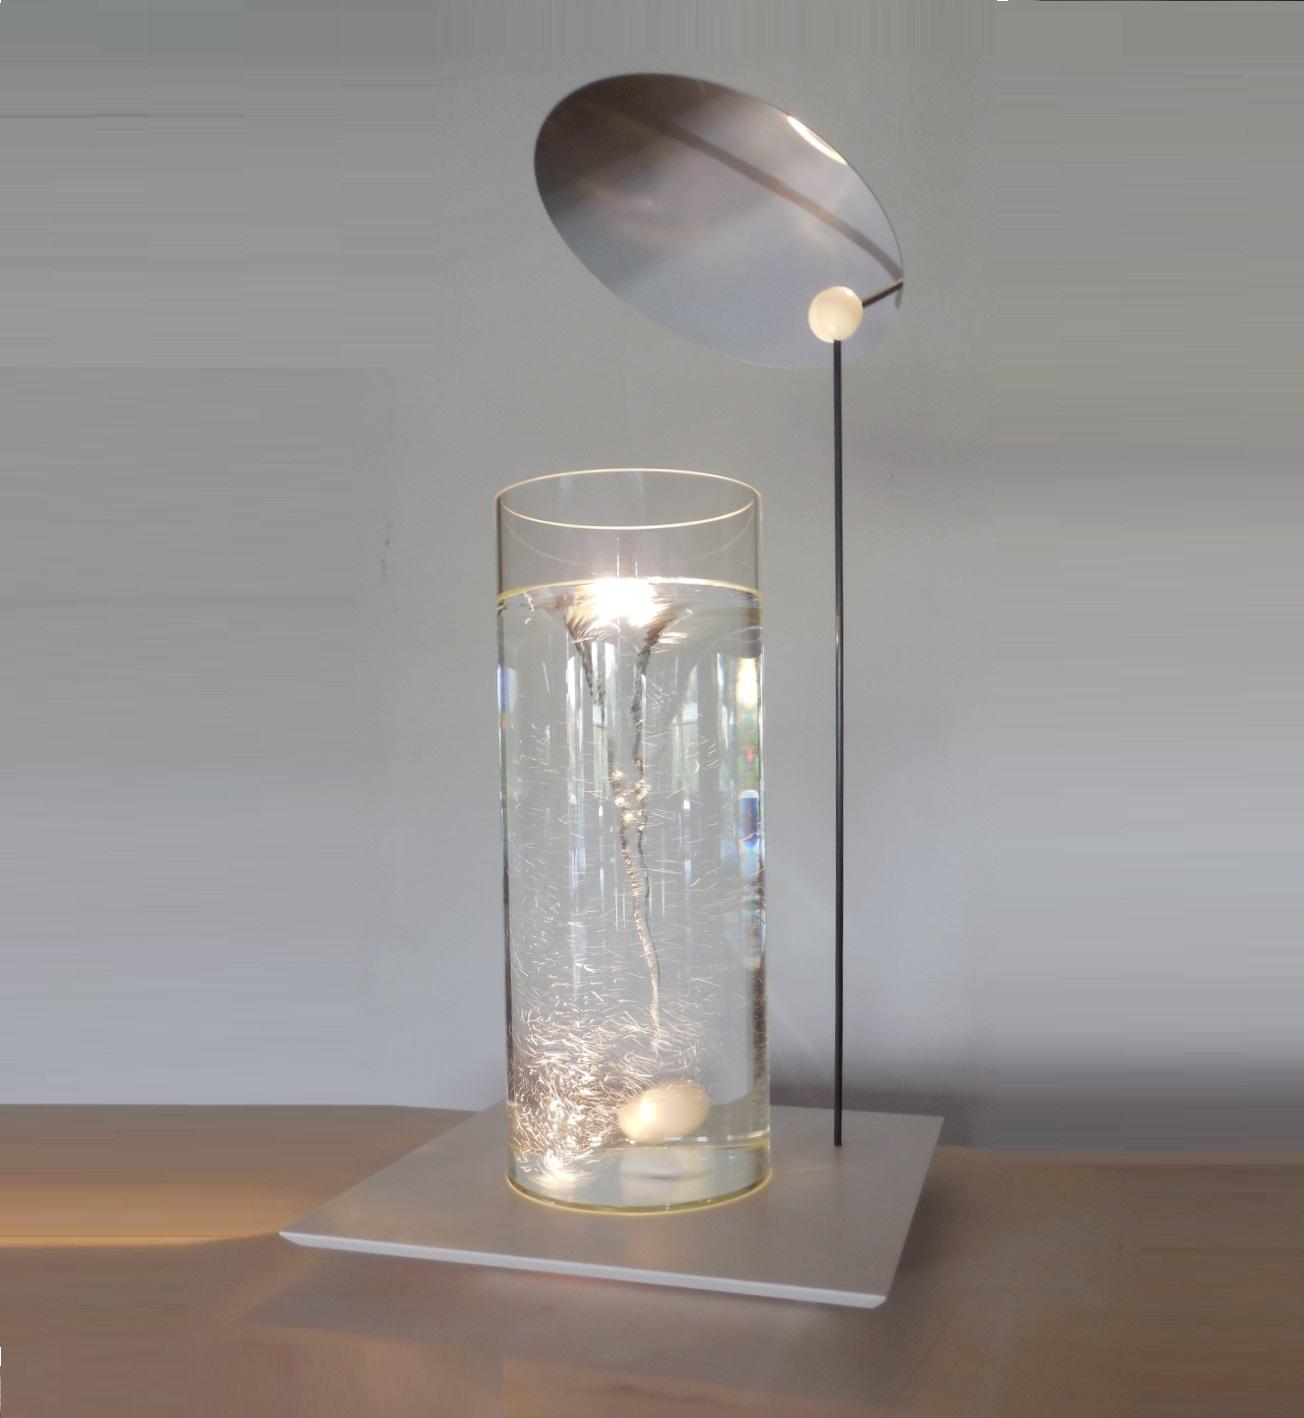 Illuminazione ingo maurer outlet ingo maurer lampada delirium yum vetro lampade da terra - Lampade da terra design outlet ...